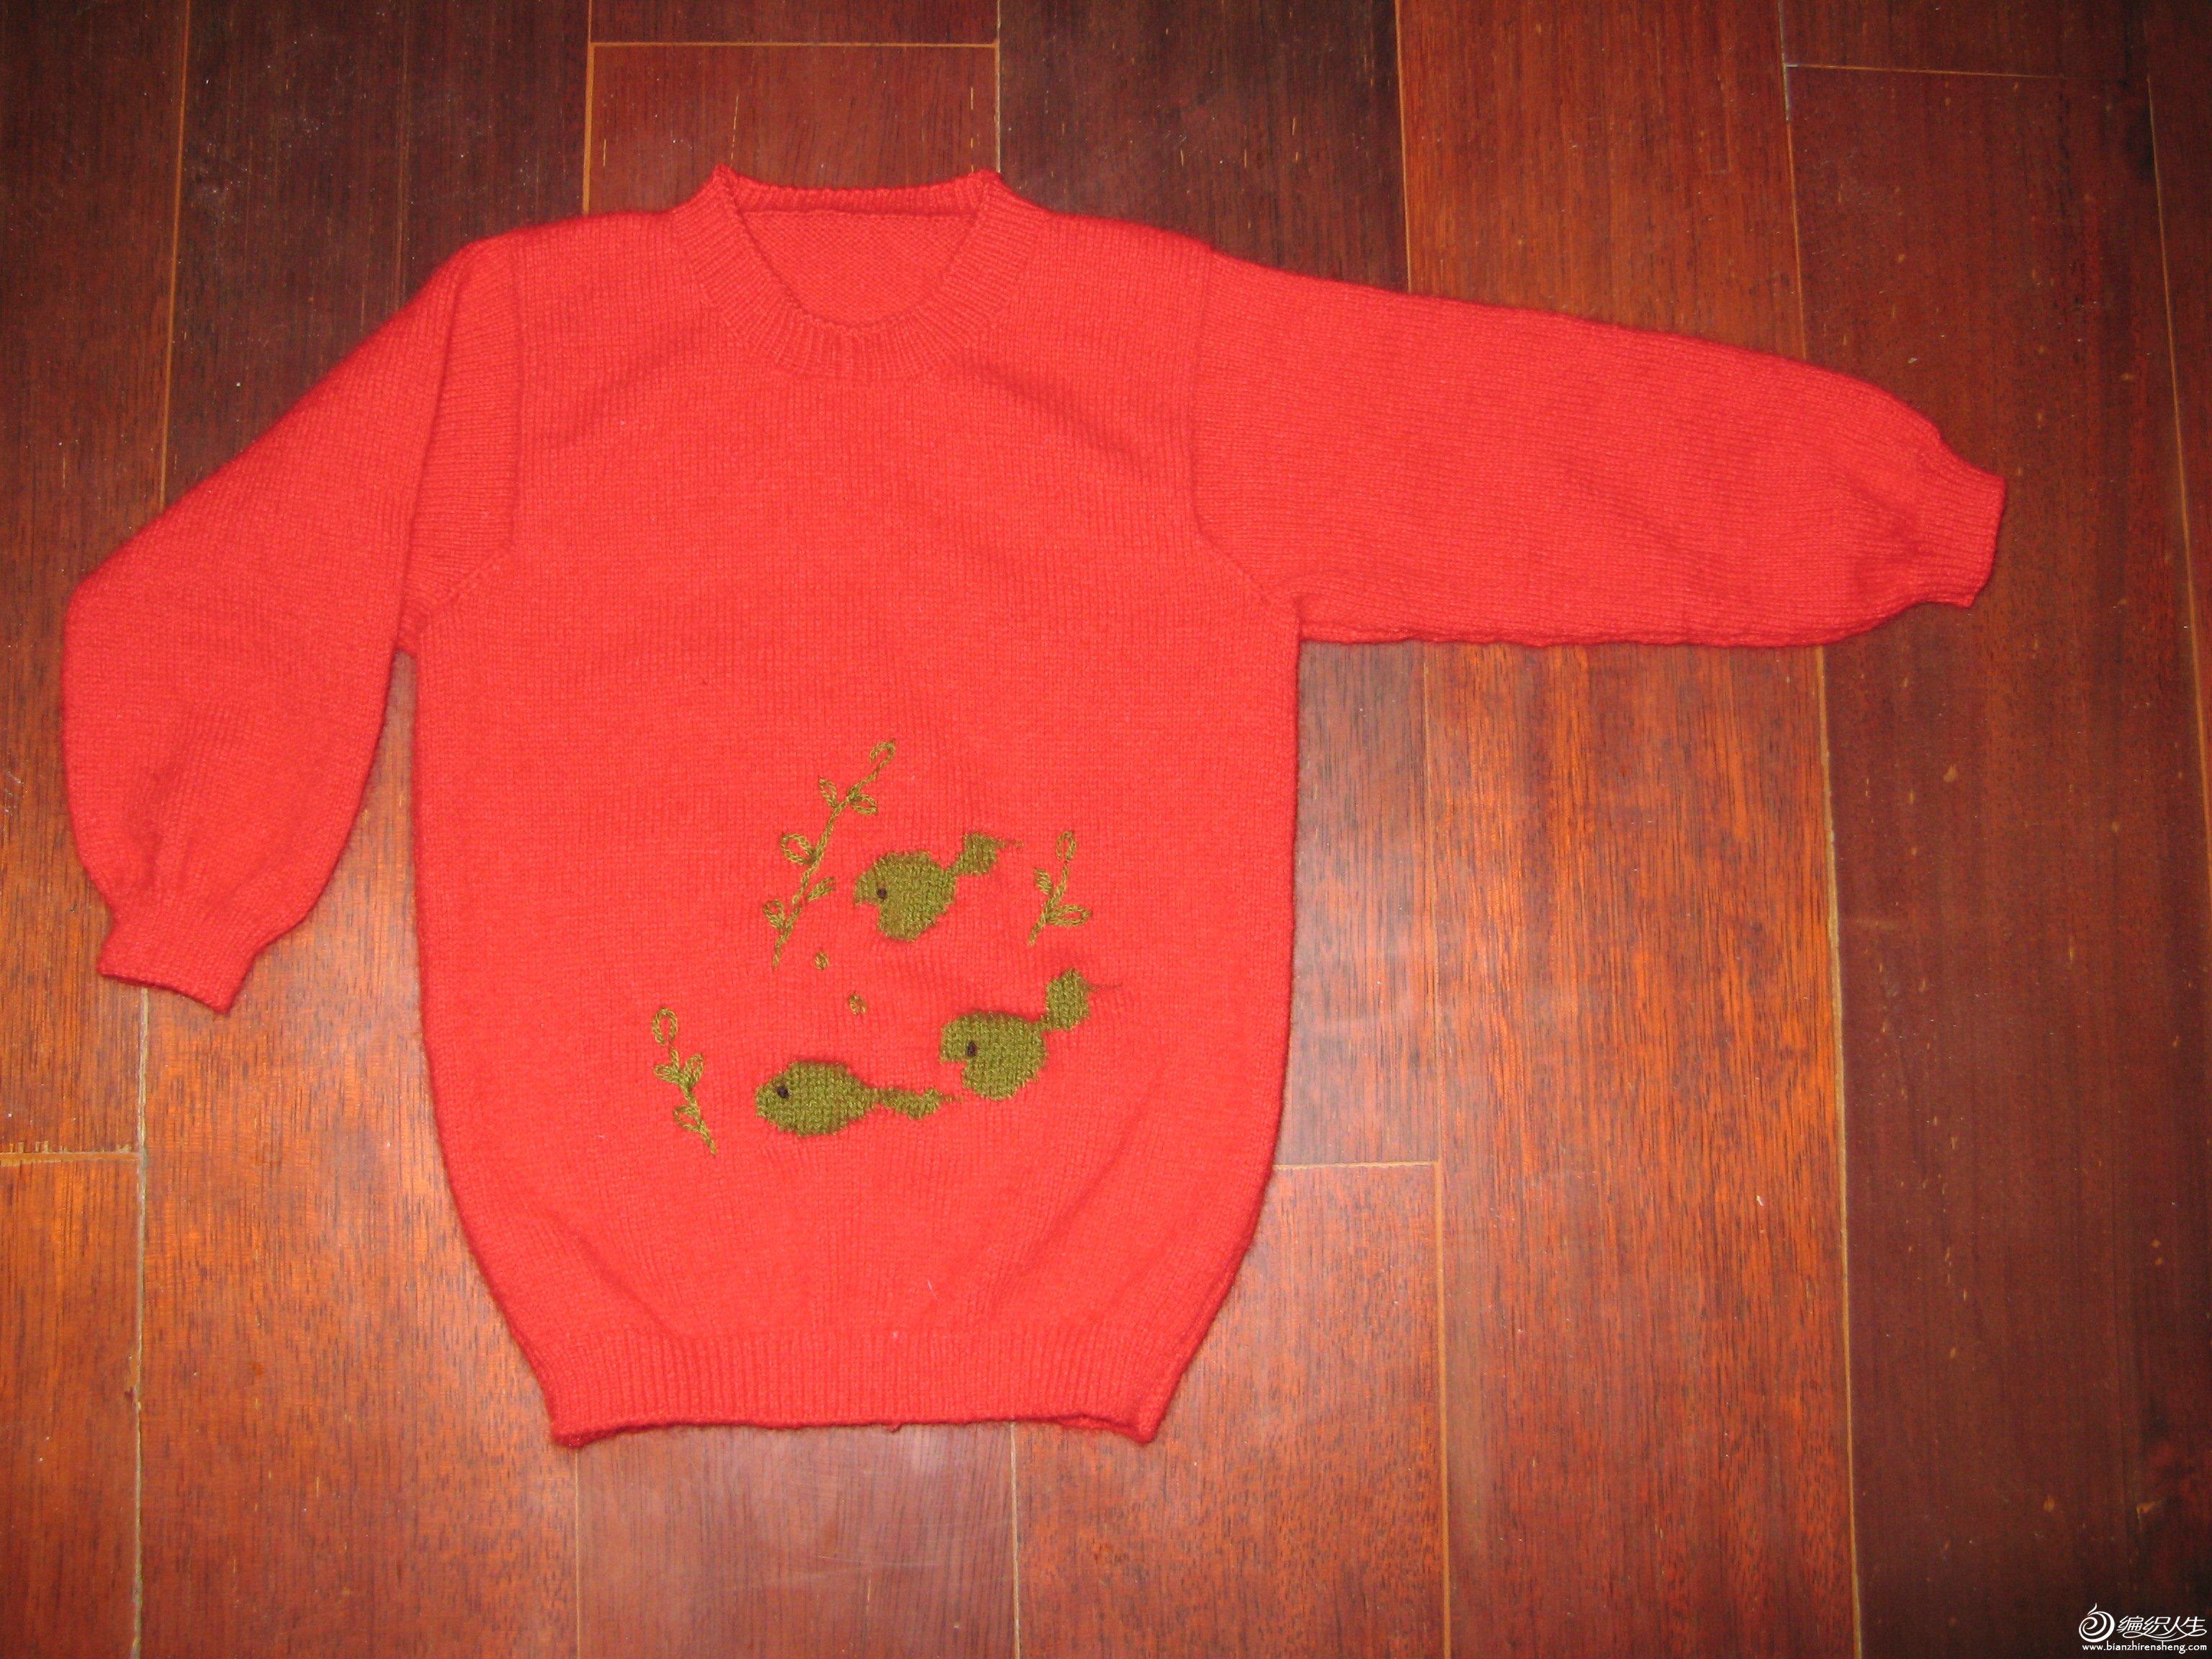 这是一件儿童羊绒衫,先打了三只小吃蝌蚪,觉得单调,就加了几根水草,感觉不错。